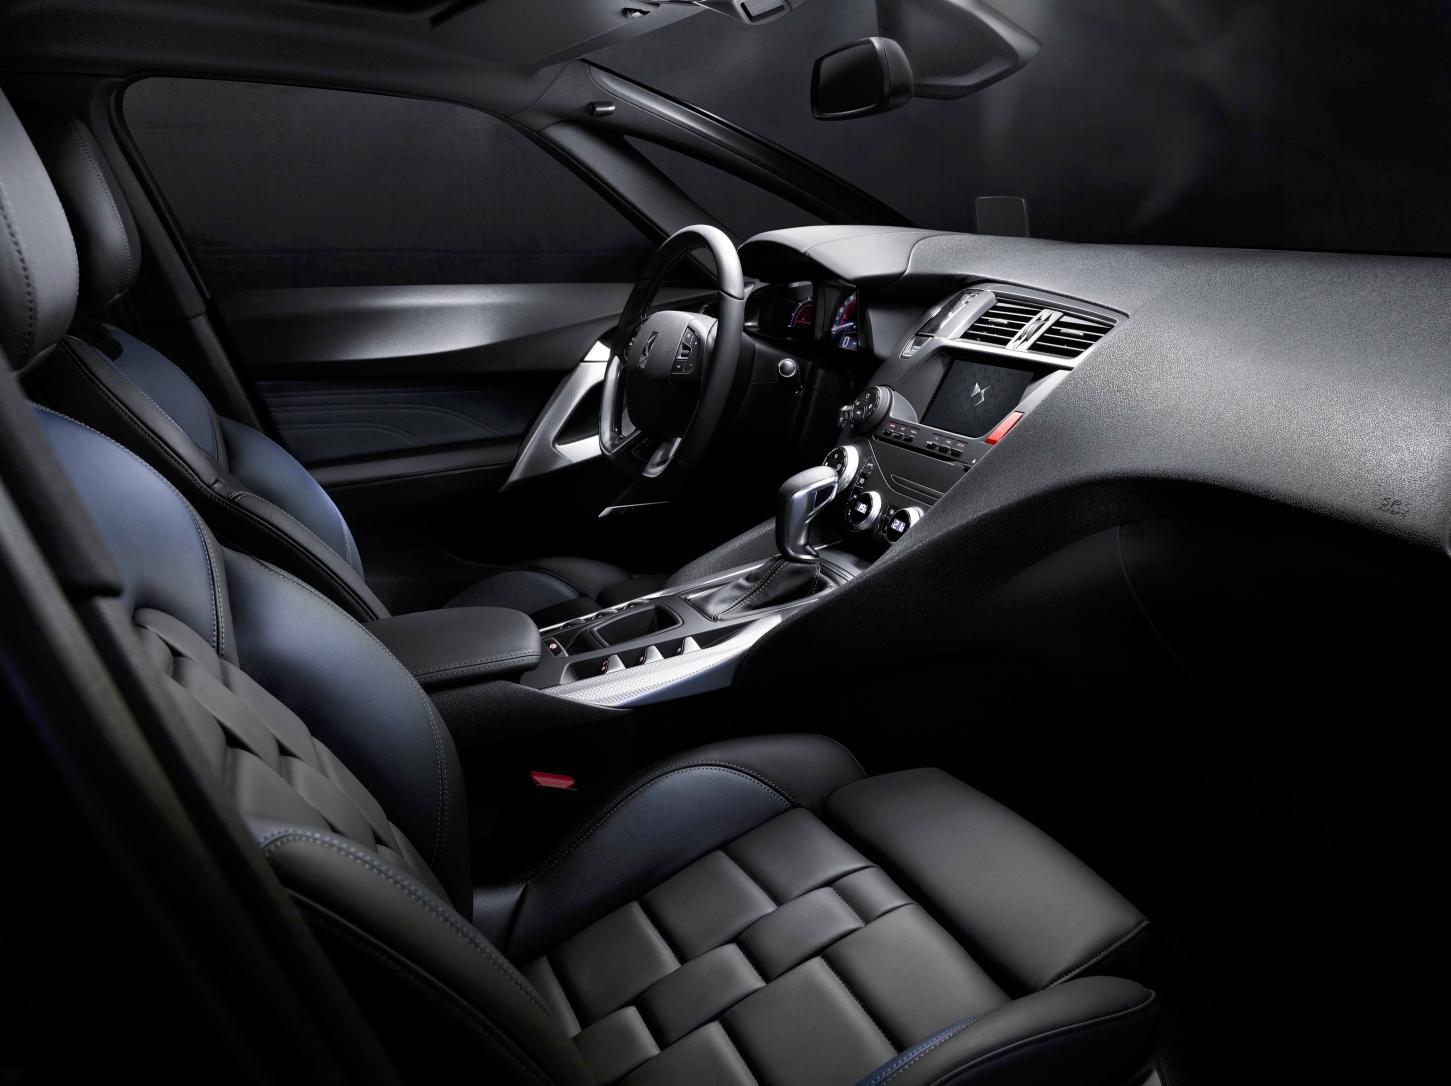 DS5, adiós al Citroën DS5: ahora con identidad propia 1